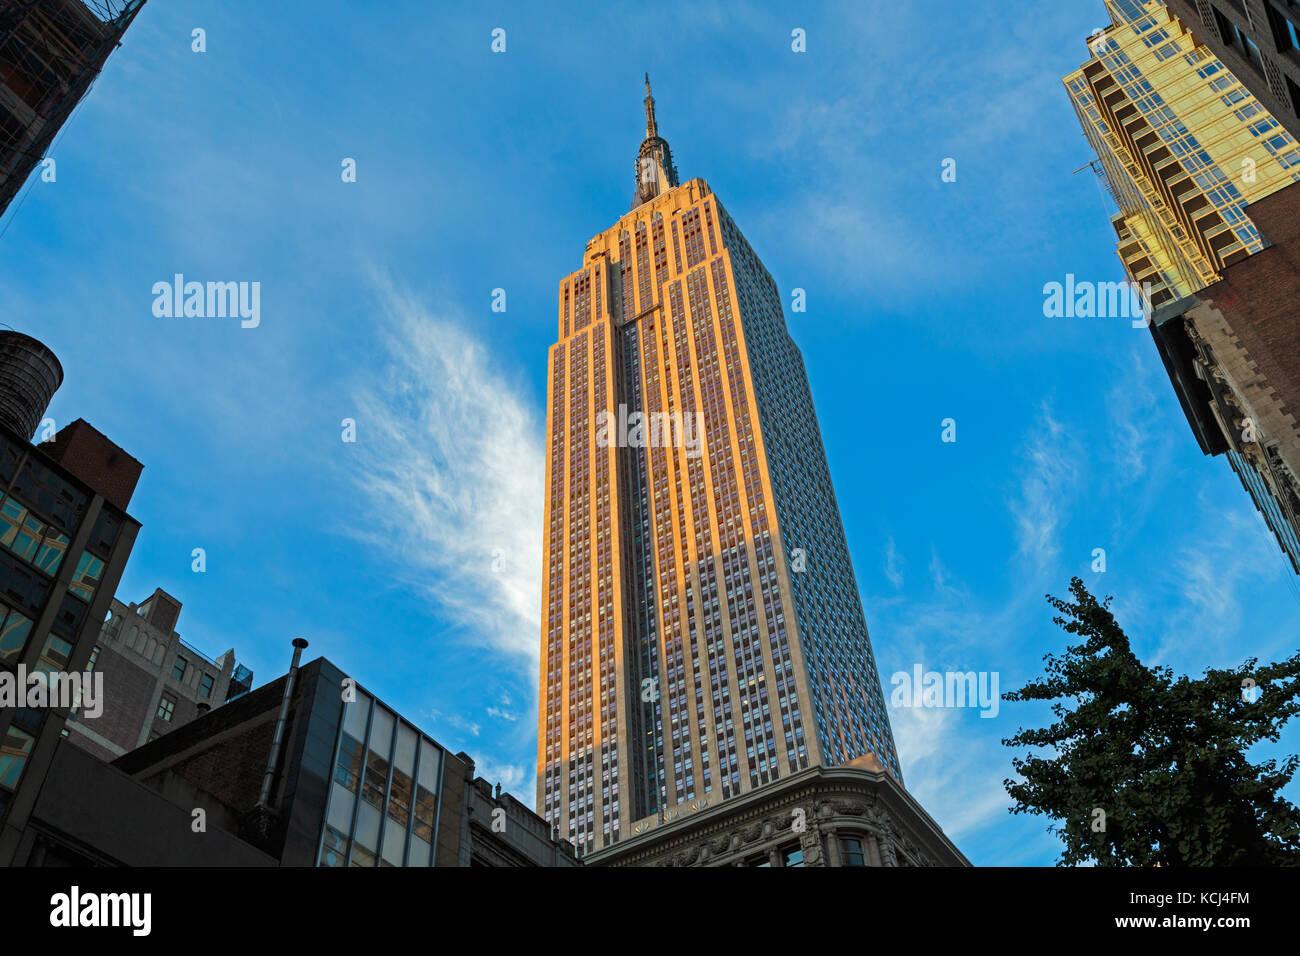 La città di new york, nello stato di new york, Stati Uniti d'America. l' Empire State building grattacielo. Foto Stock